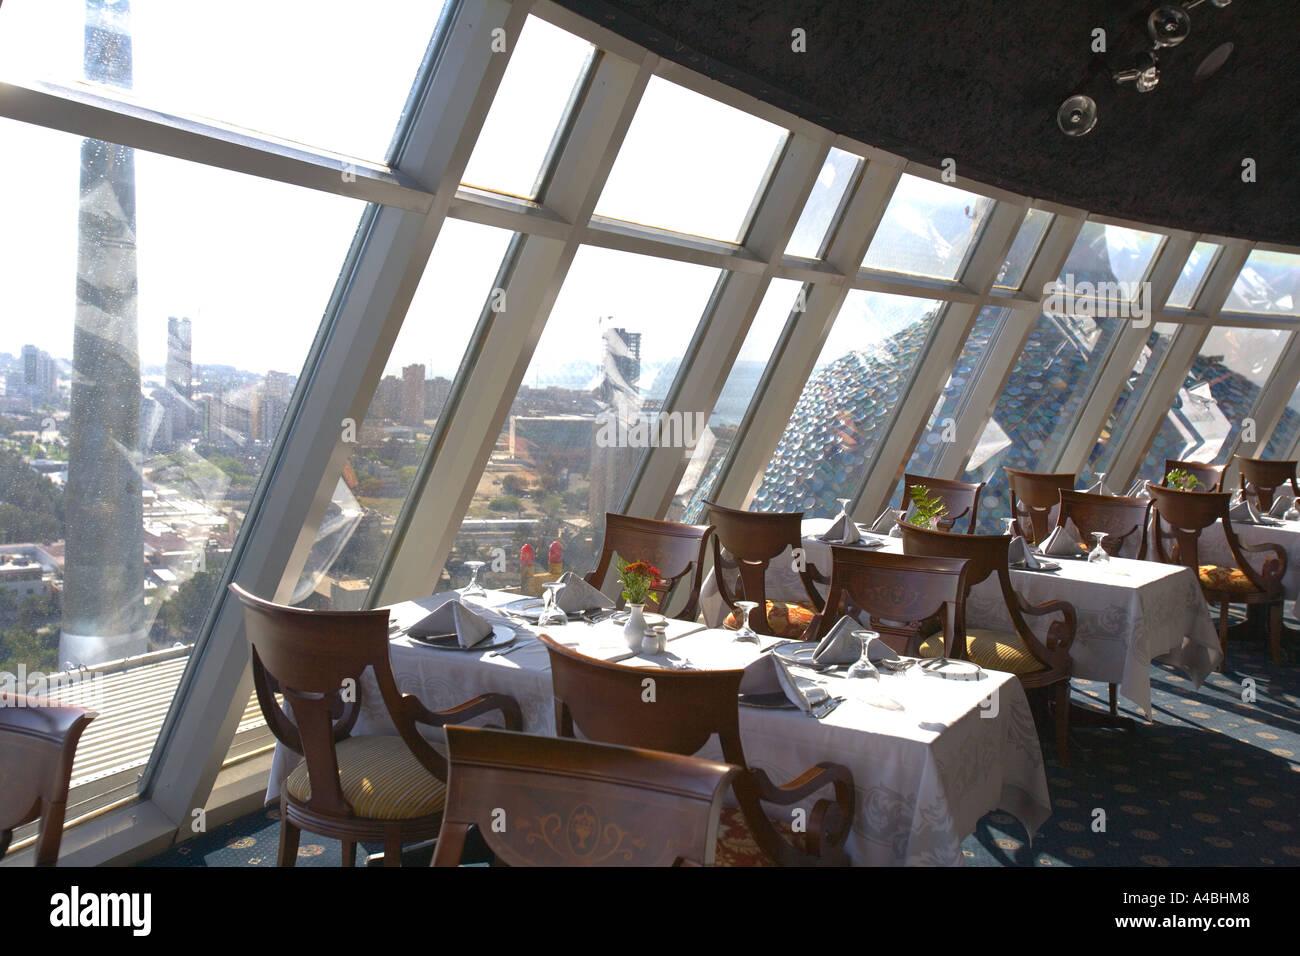 Kuwait - Kuwaiti Towers main restaurant with views over the City Stock Photo